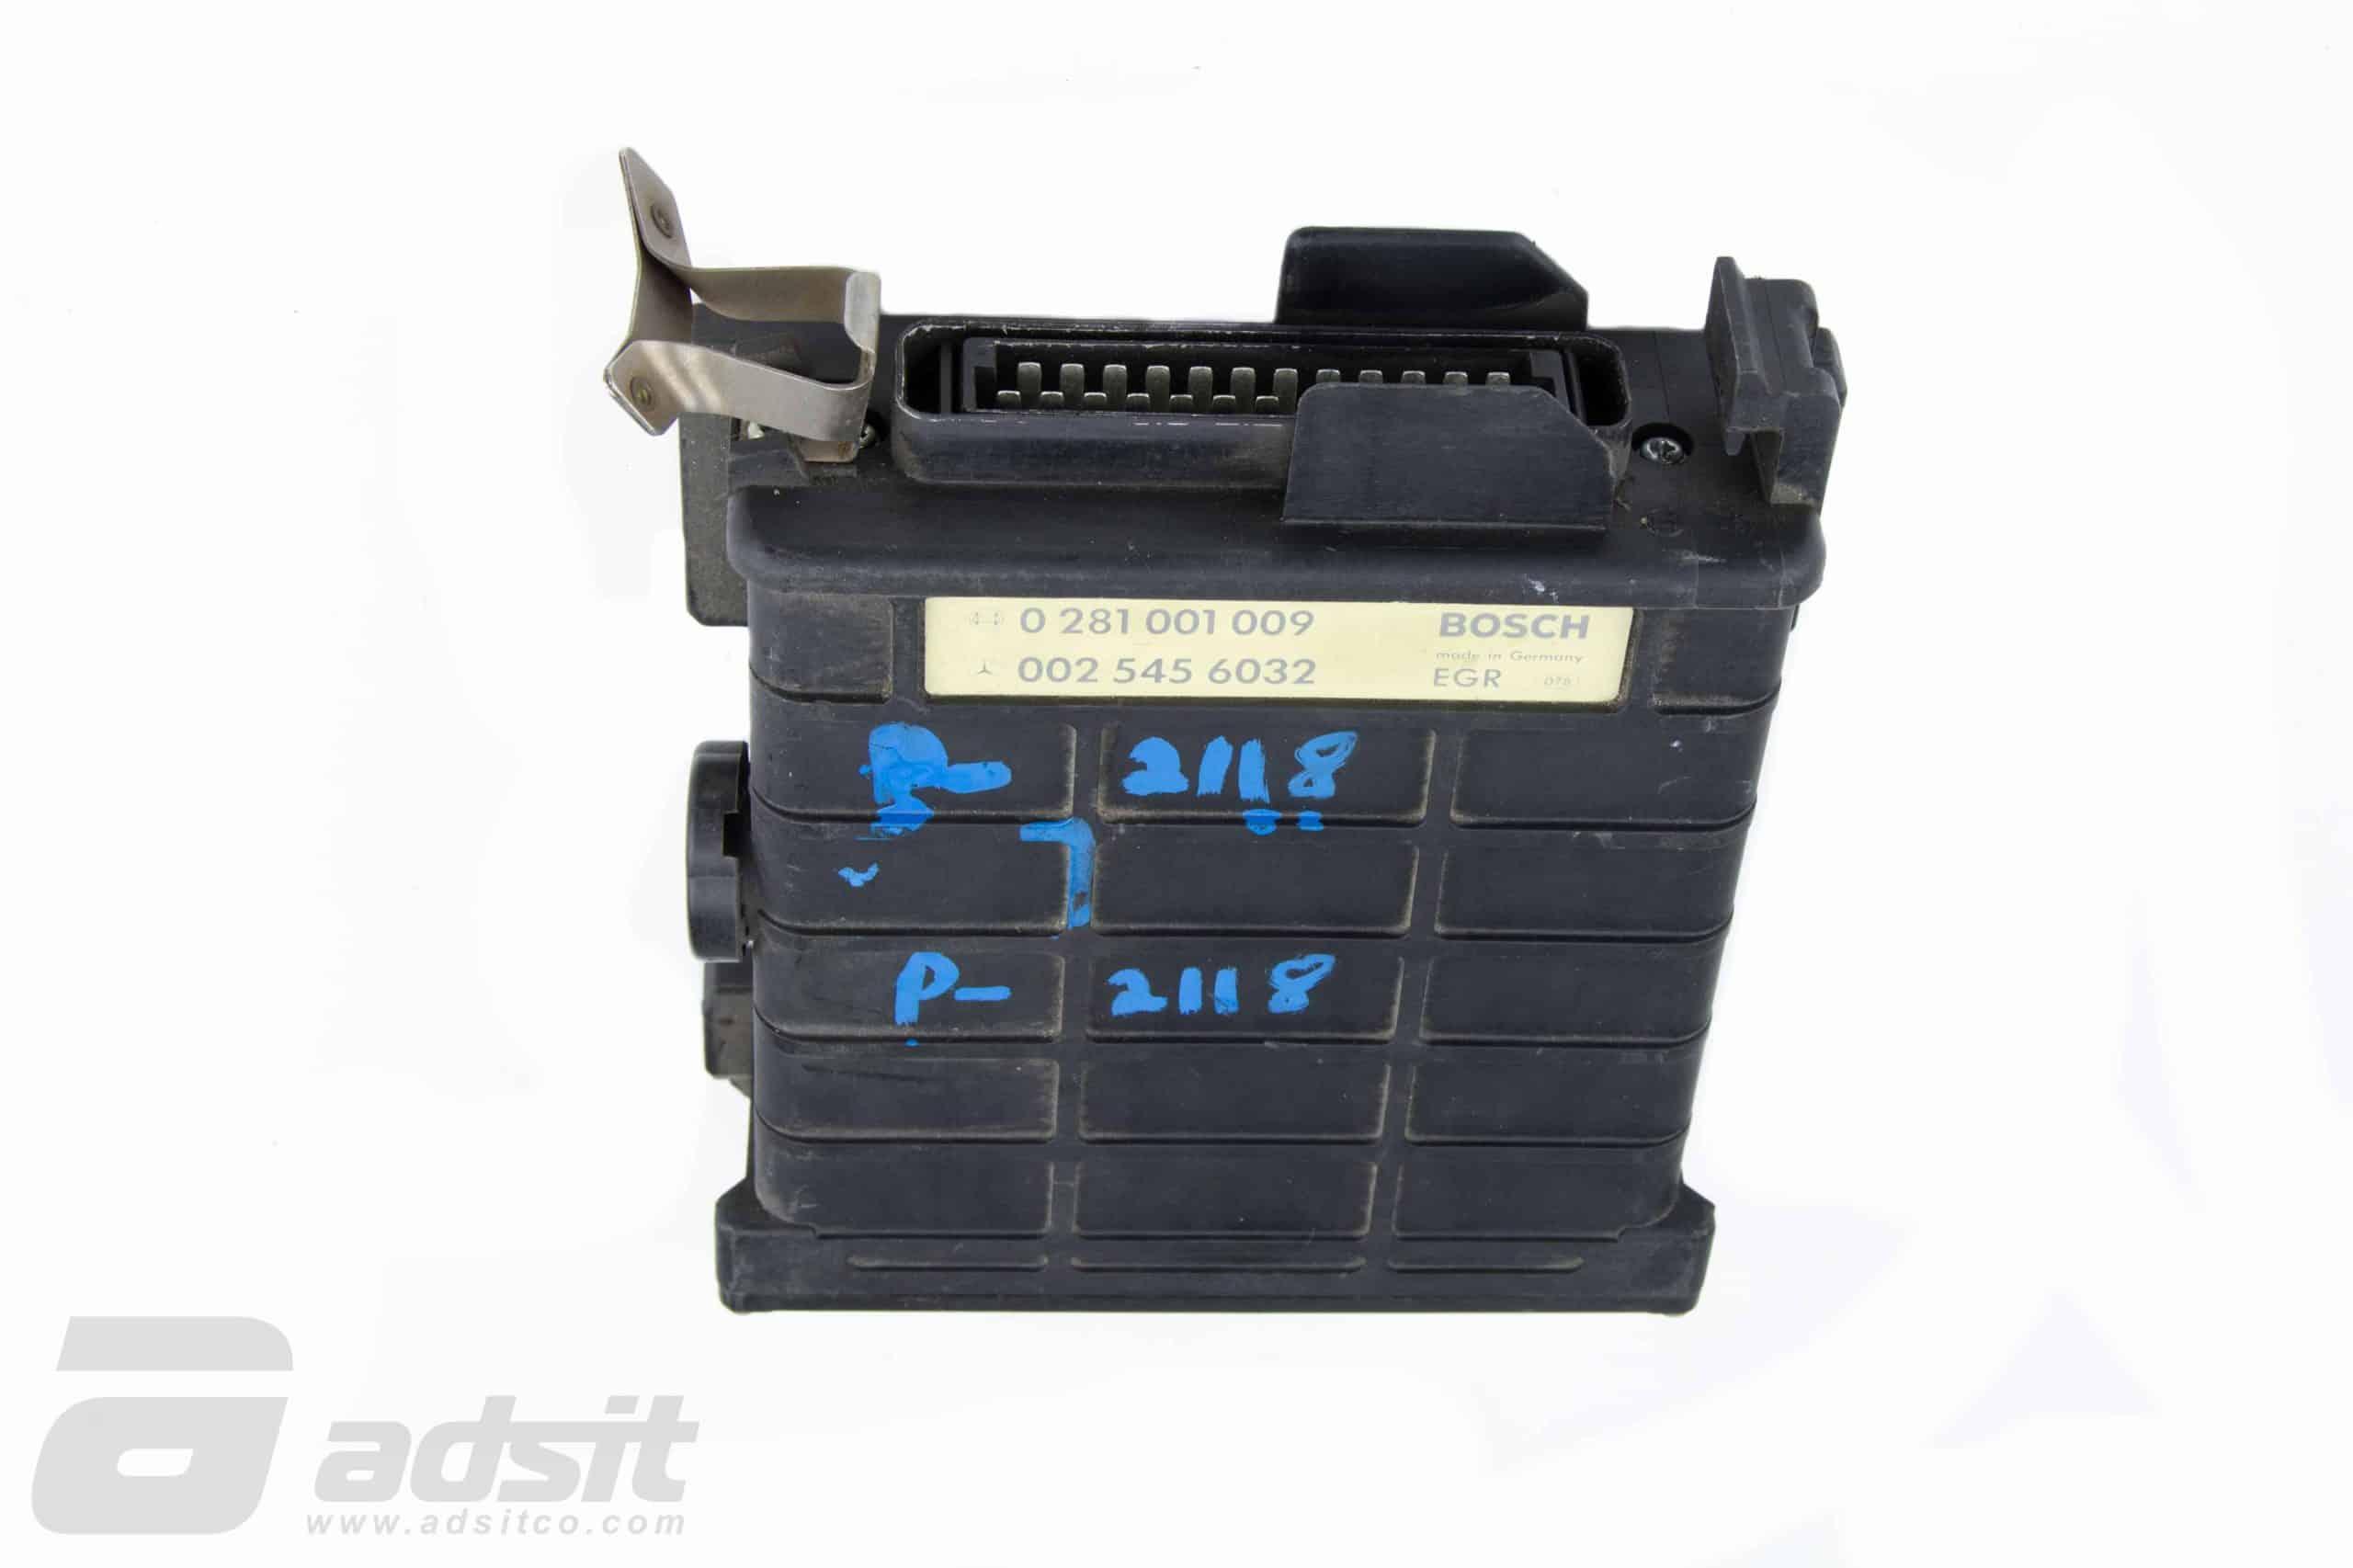 Engine Speed Control Unit – Diesel